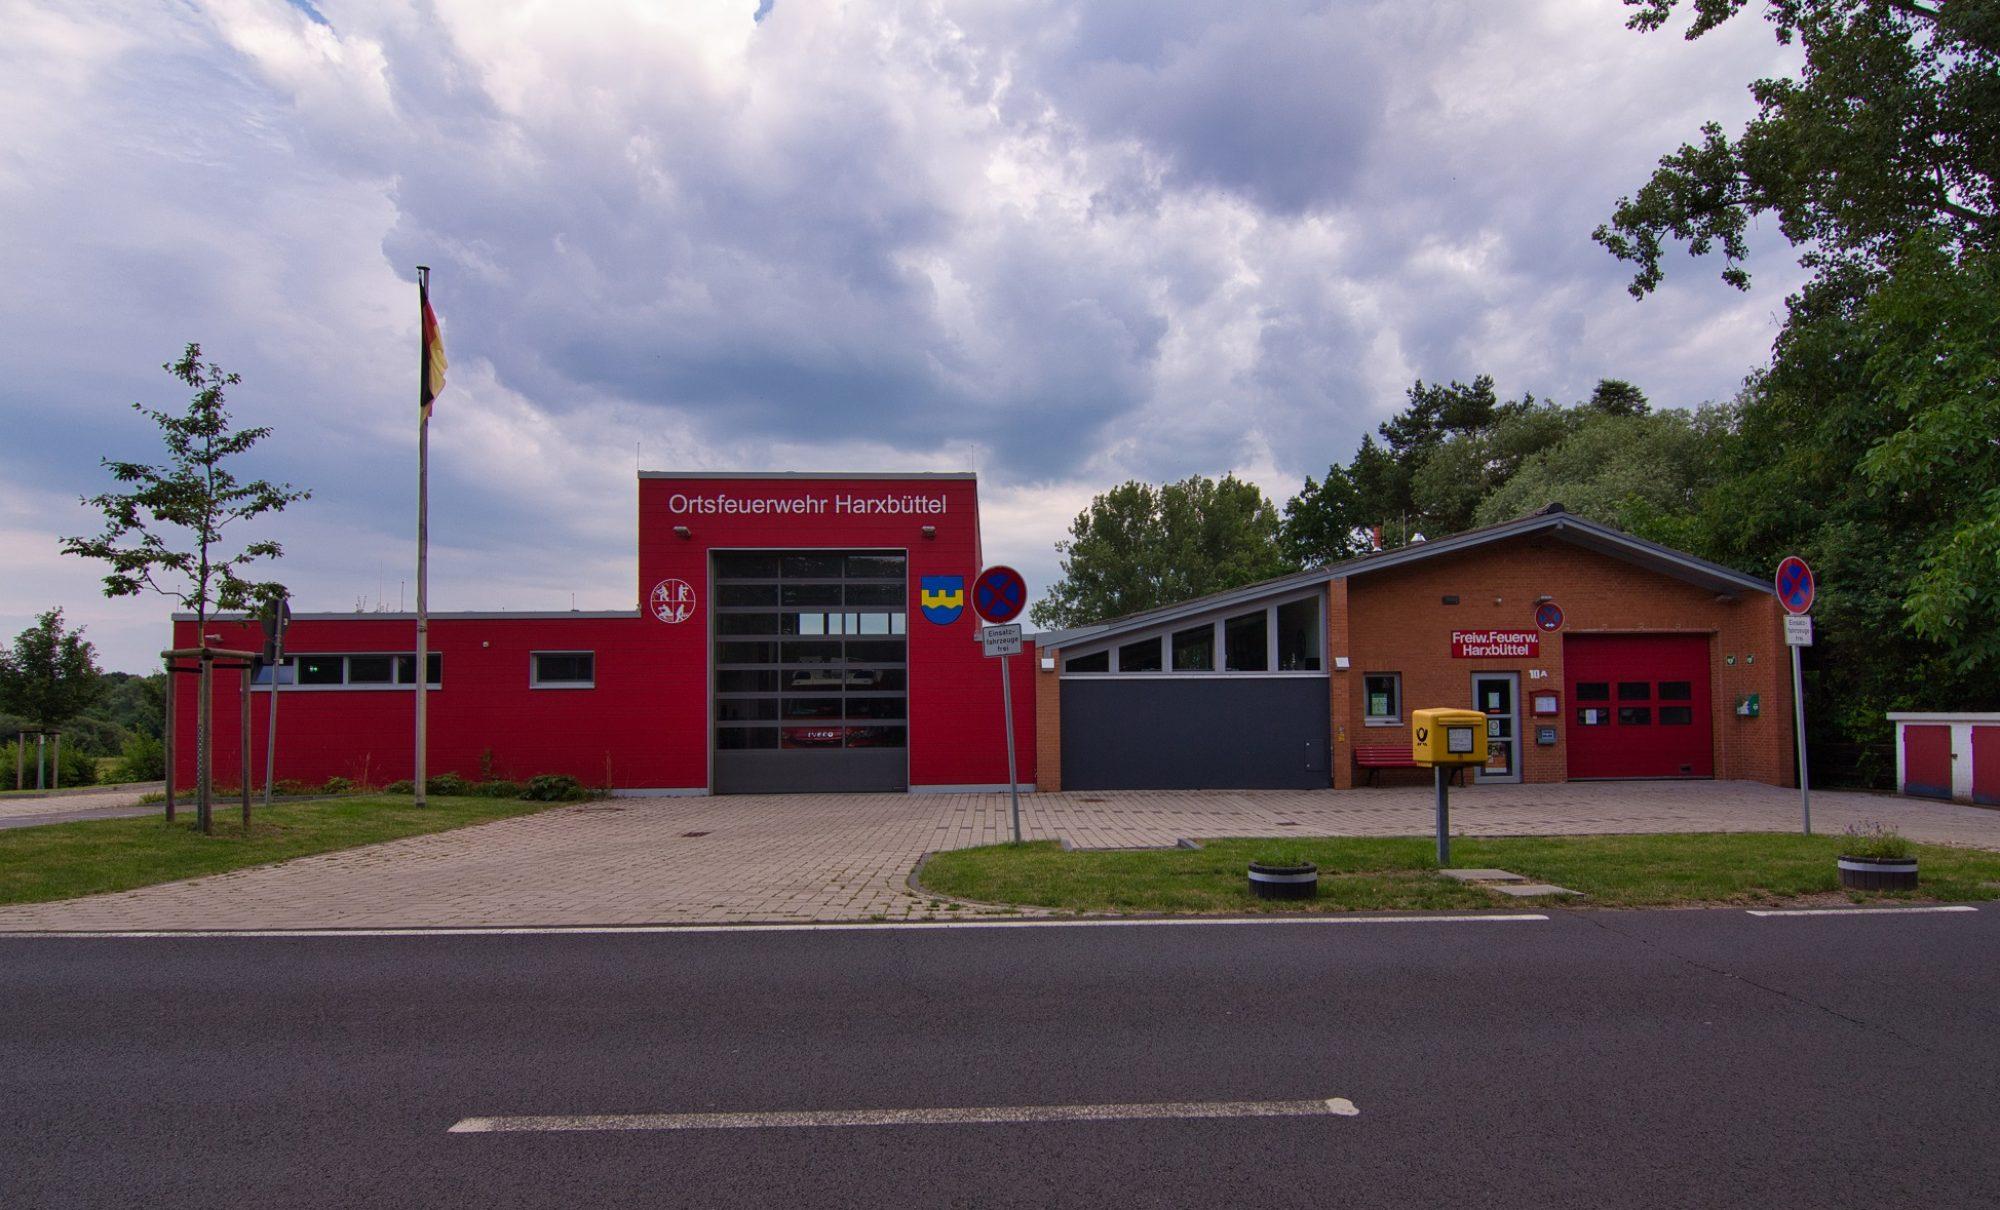 Ortsfeuerwehr Harxbüttel